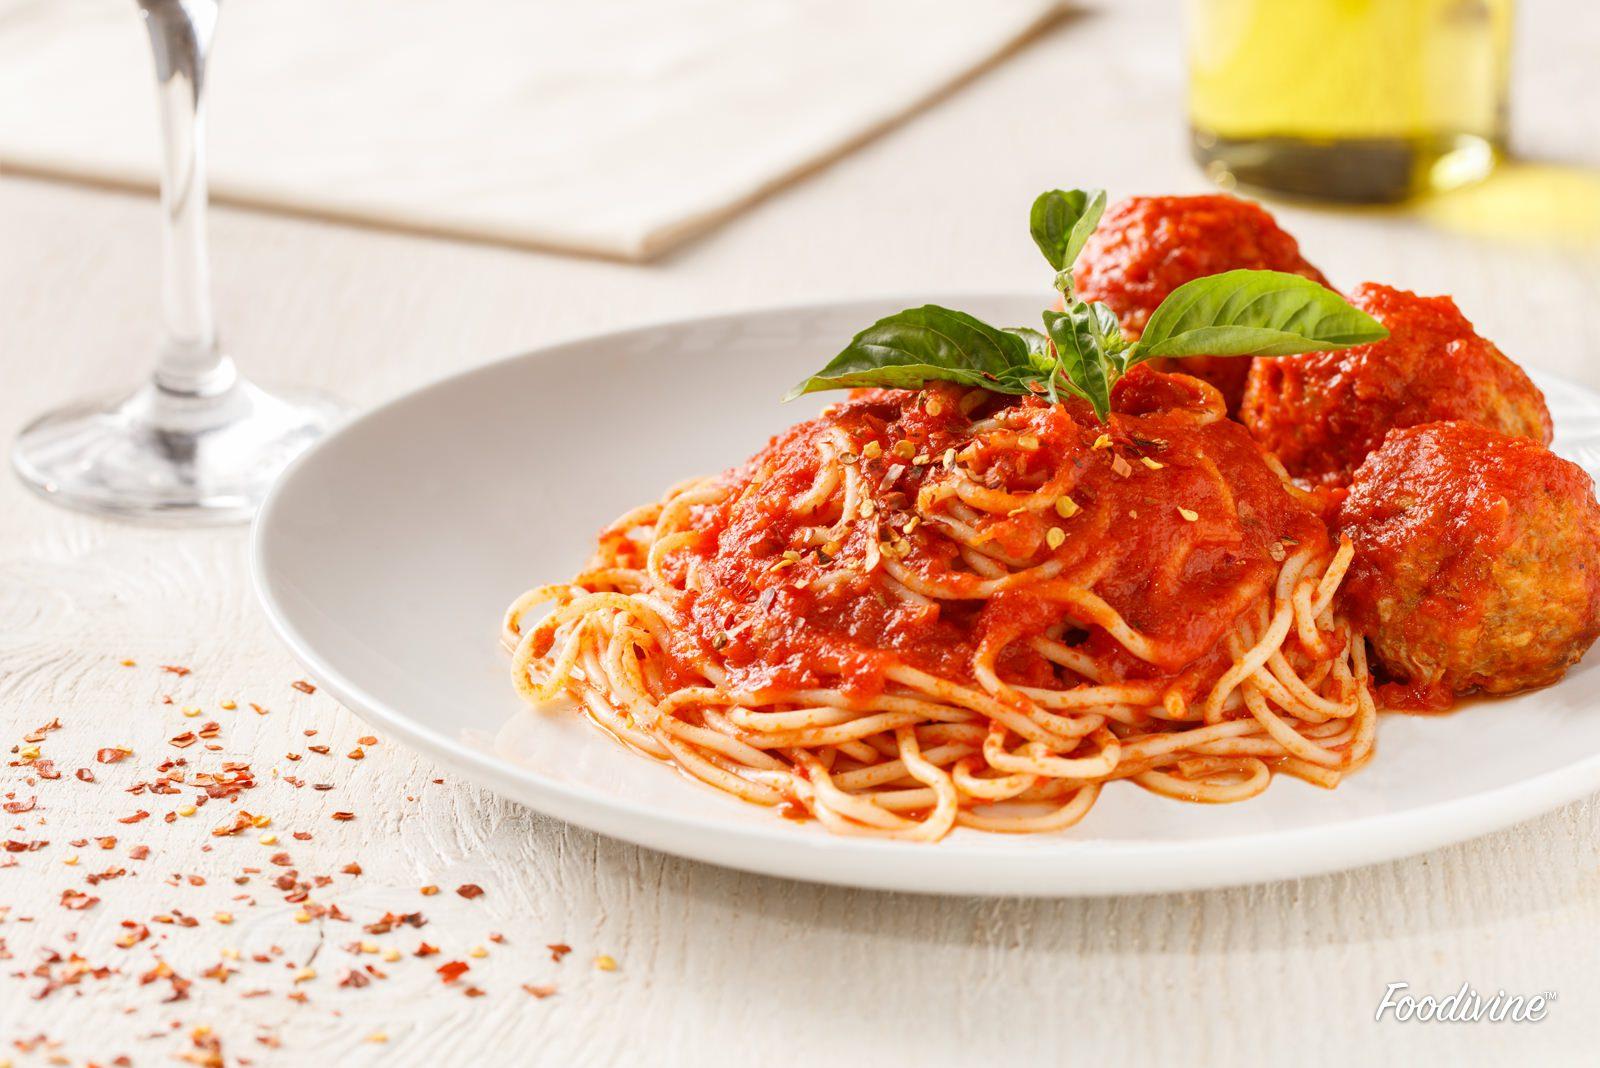 consejos y trucos de fotografía de alimentos